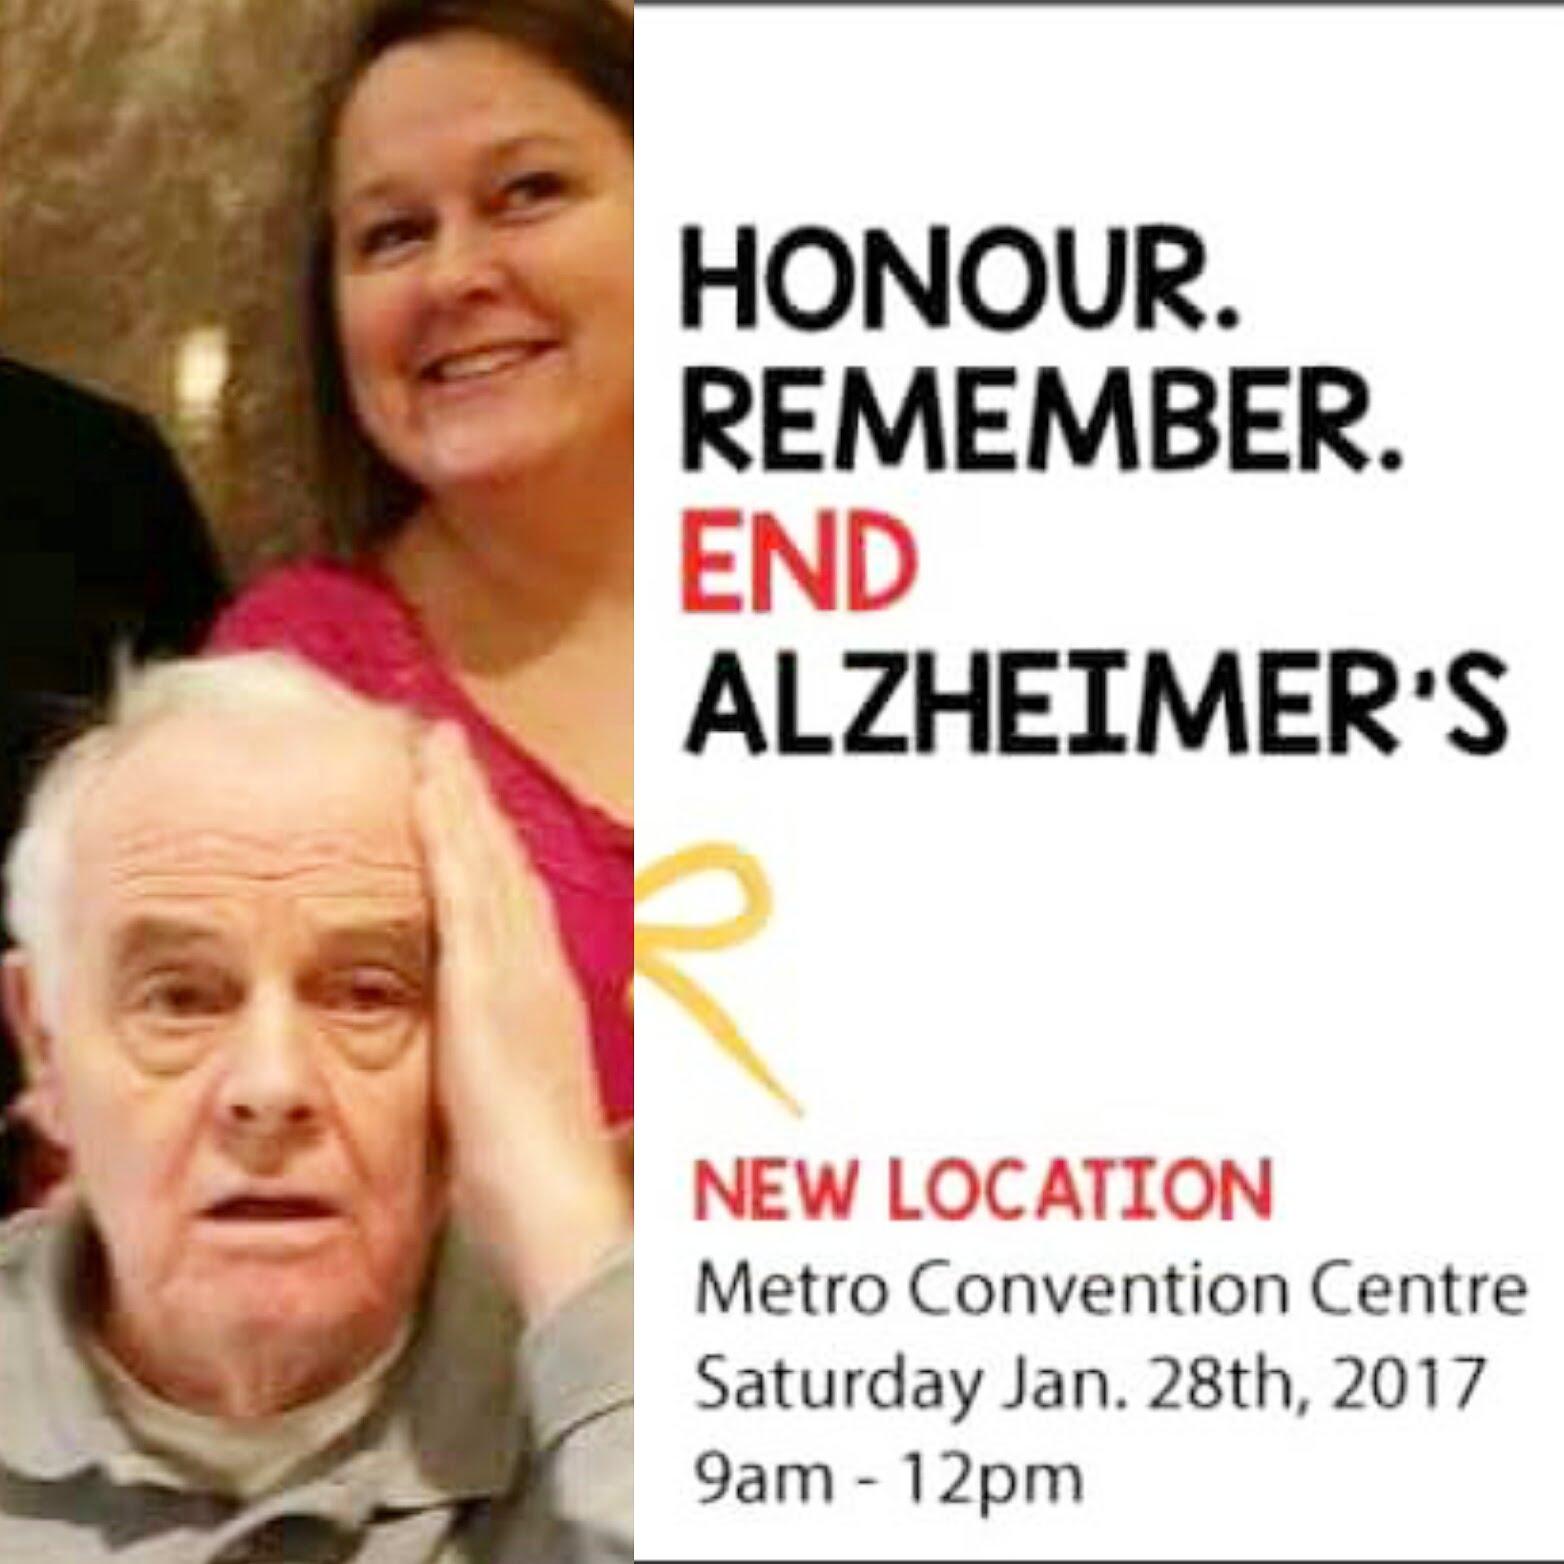 Honour. Remember. End Alzheimer's